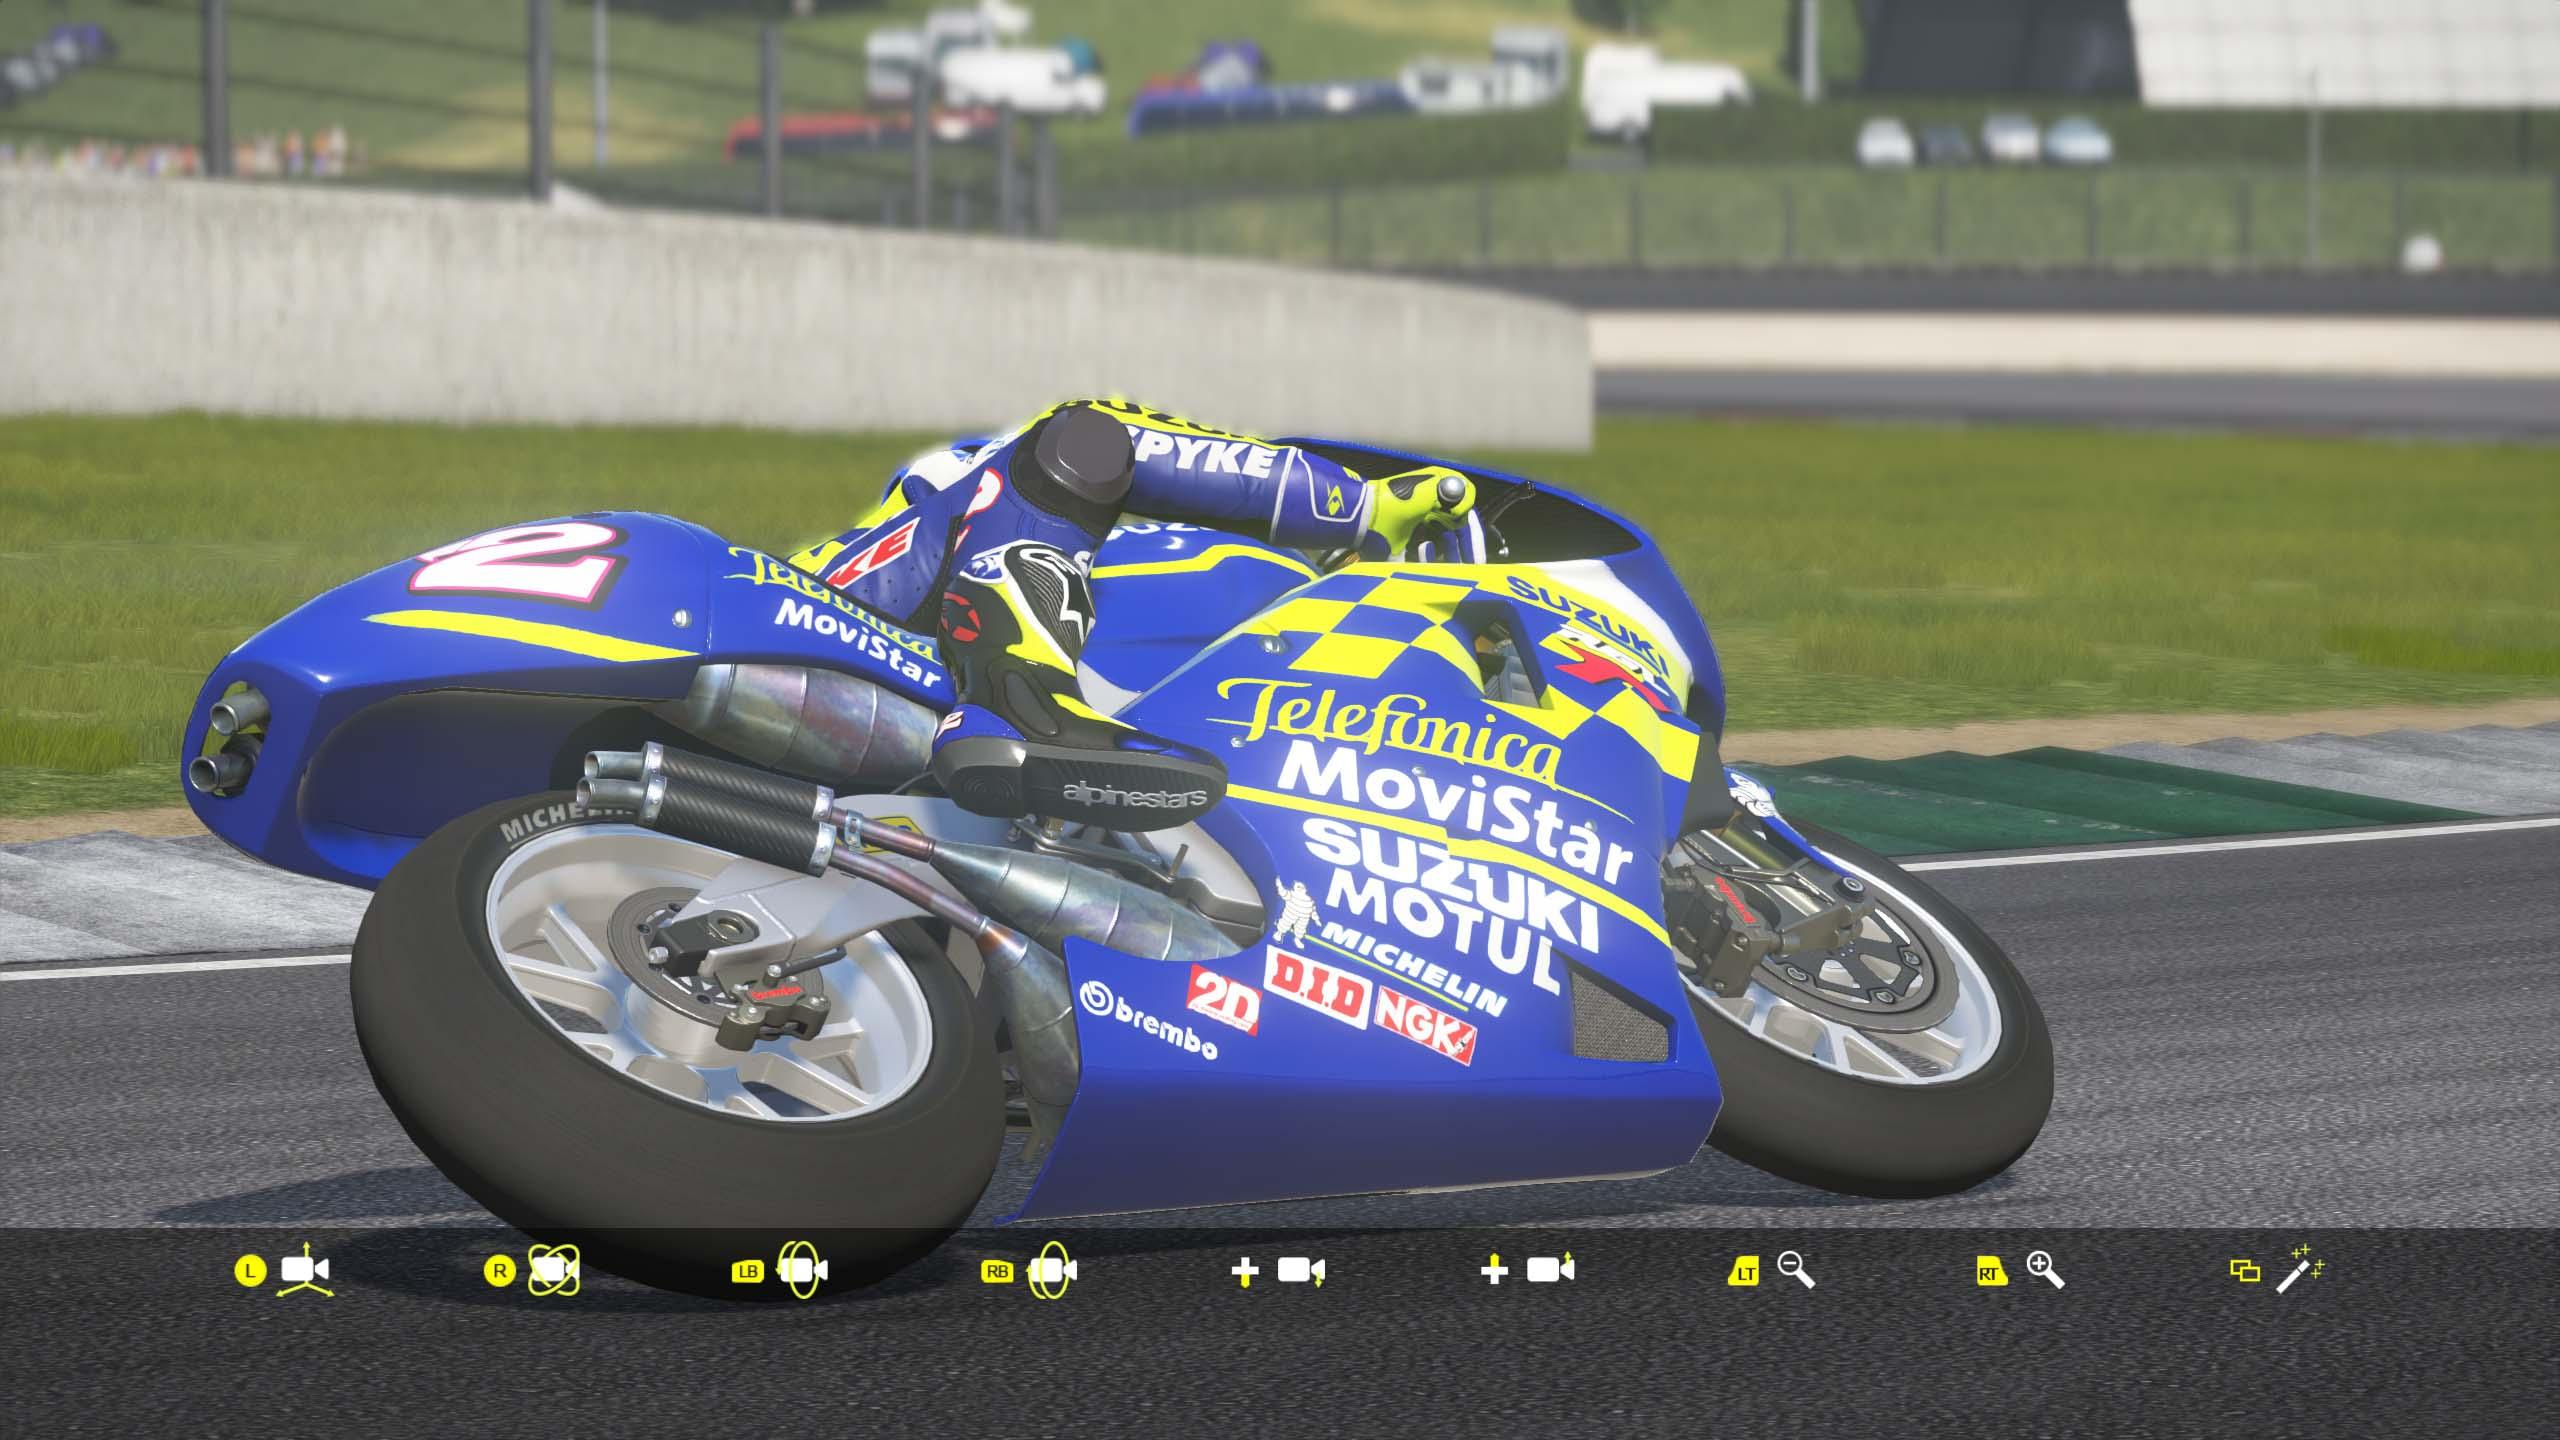 MotoGPVR46X64 2016-08-03 12-27-08-15.jpg